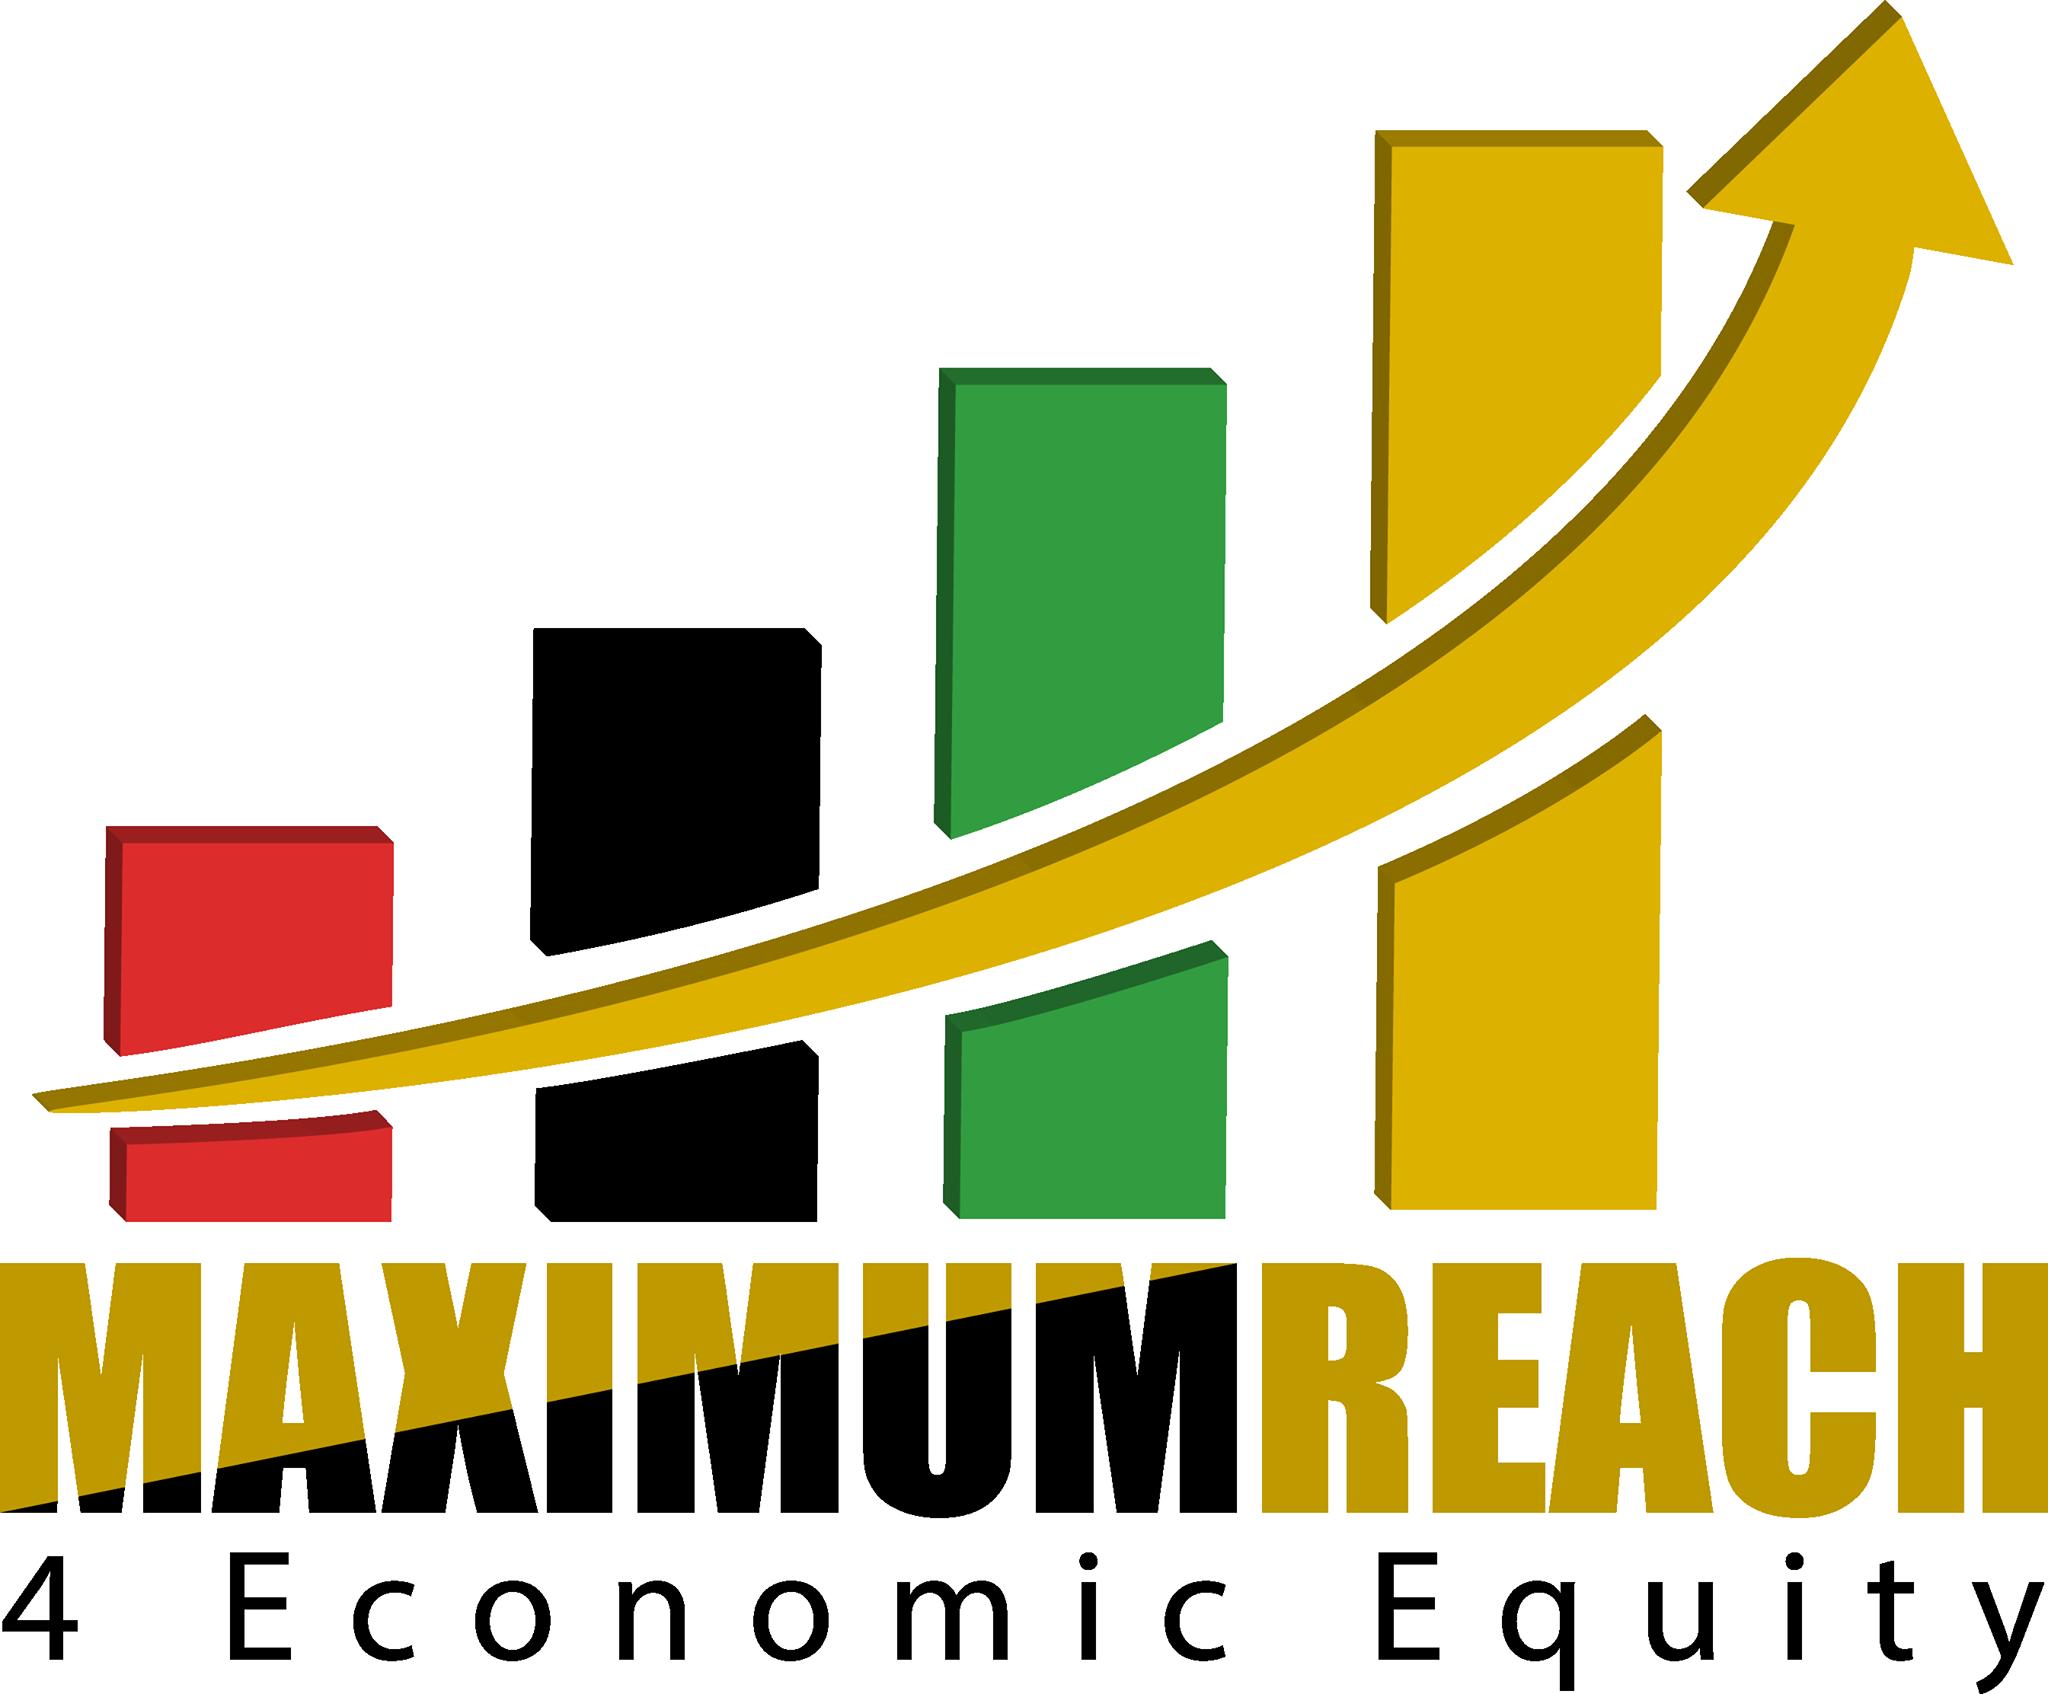 Max Reach 4